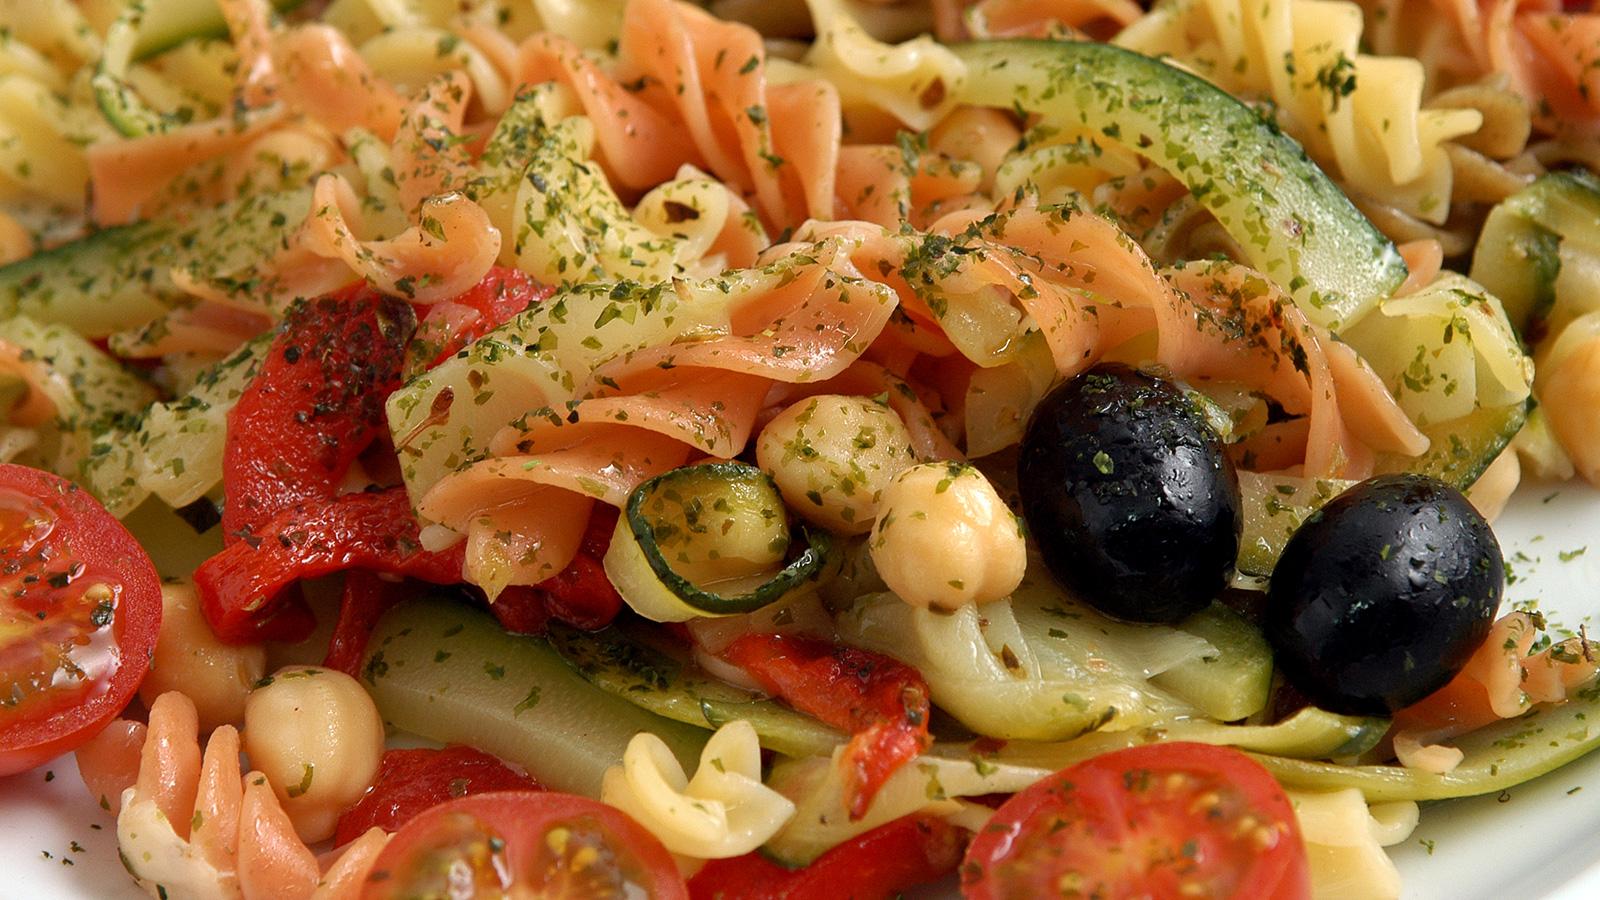 Ensalada de pasta marisa fern ndez receta canal cocina for Ensalada de pasta integral